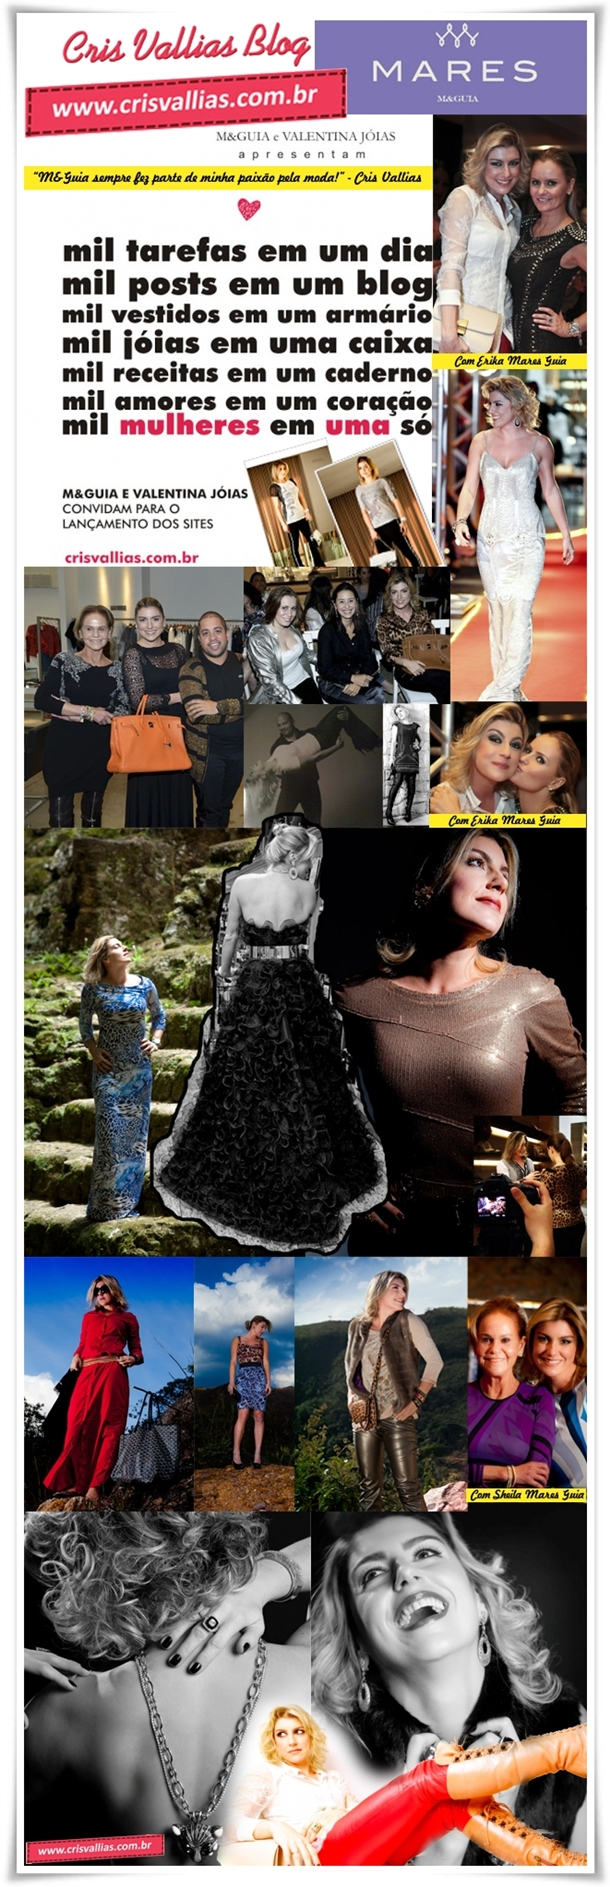 Parceria Blog Cris Vallias e MARES M&Guia Oficial 2012